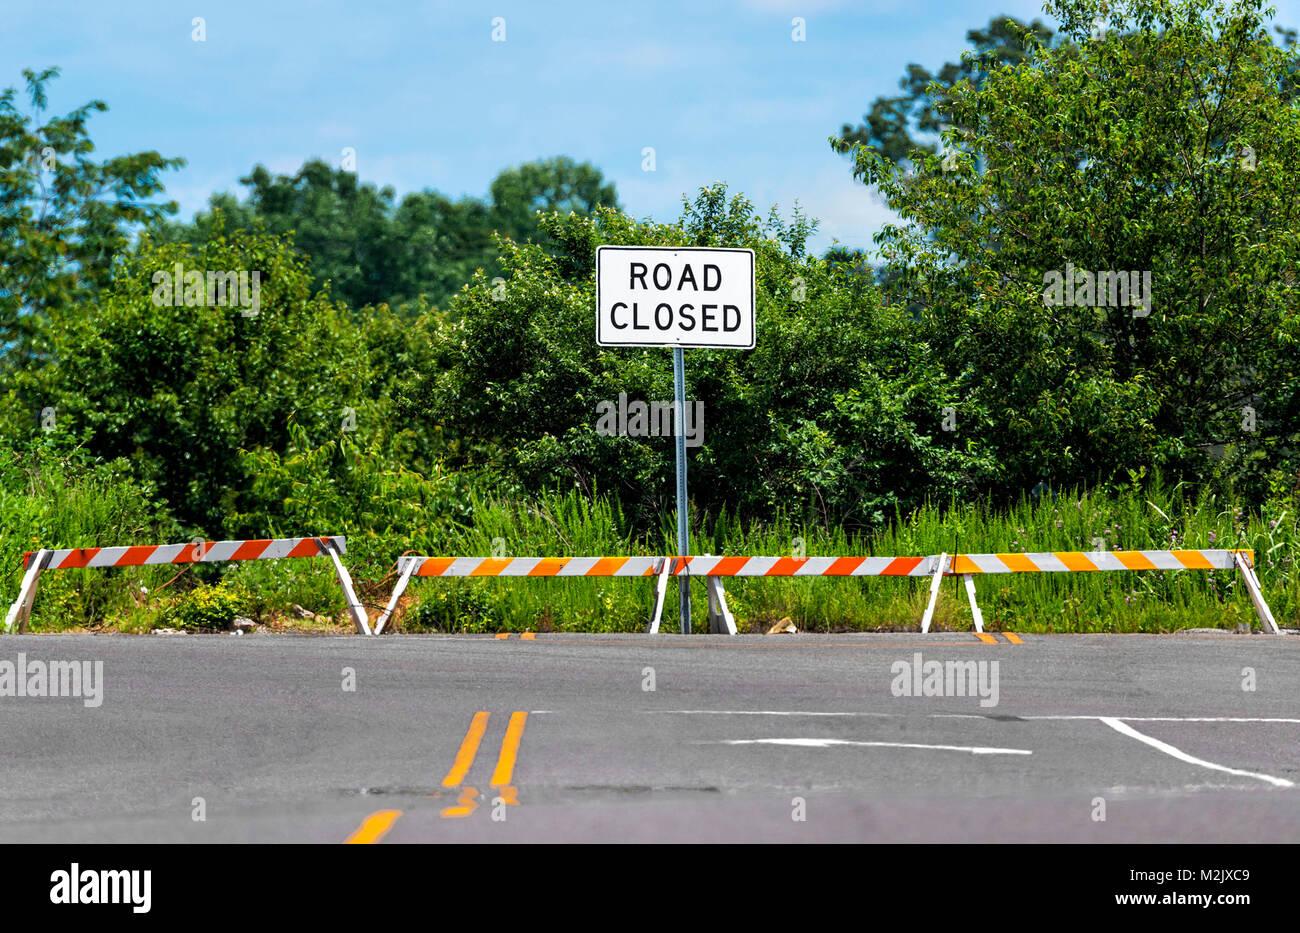 D'un coup horizontal road closed sign placé là où la route a pris fin. vert des arbres et arbustes Photo Stock